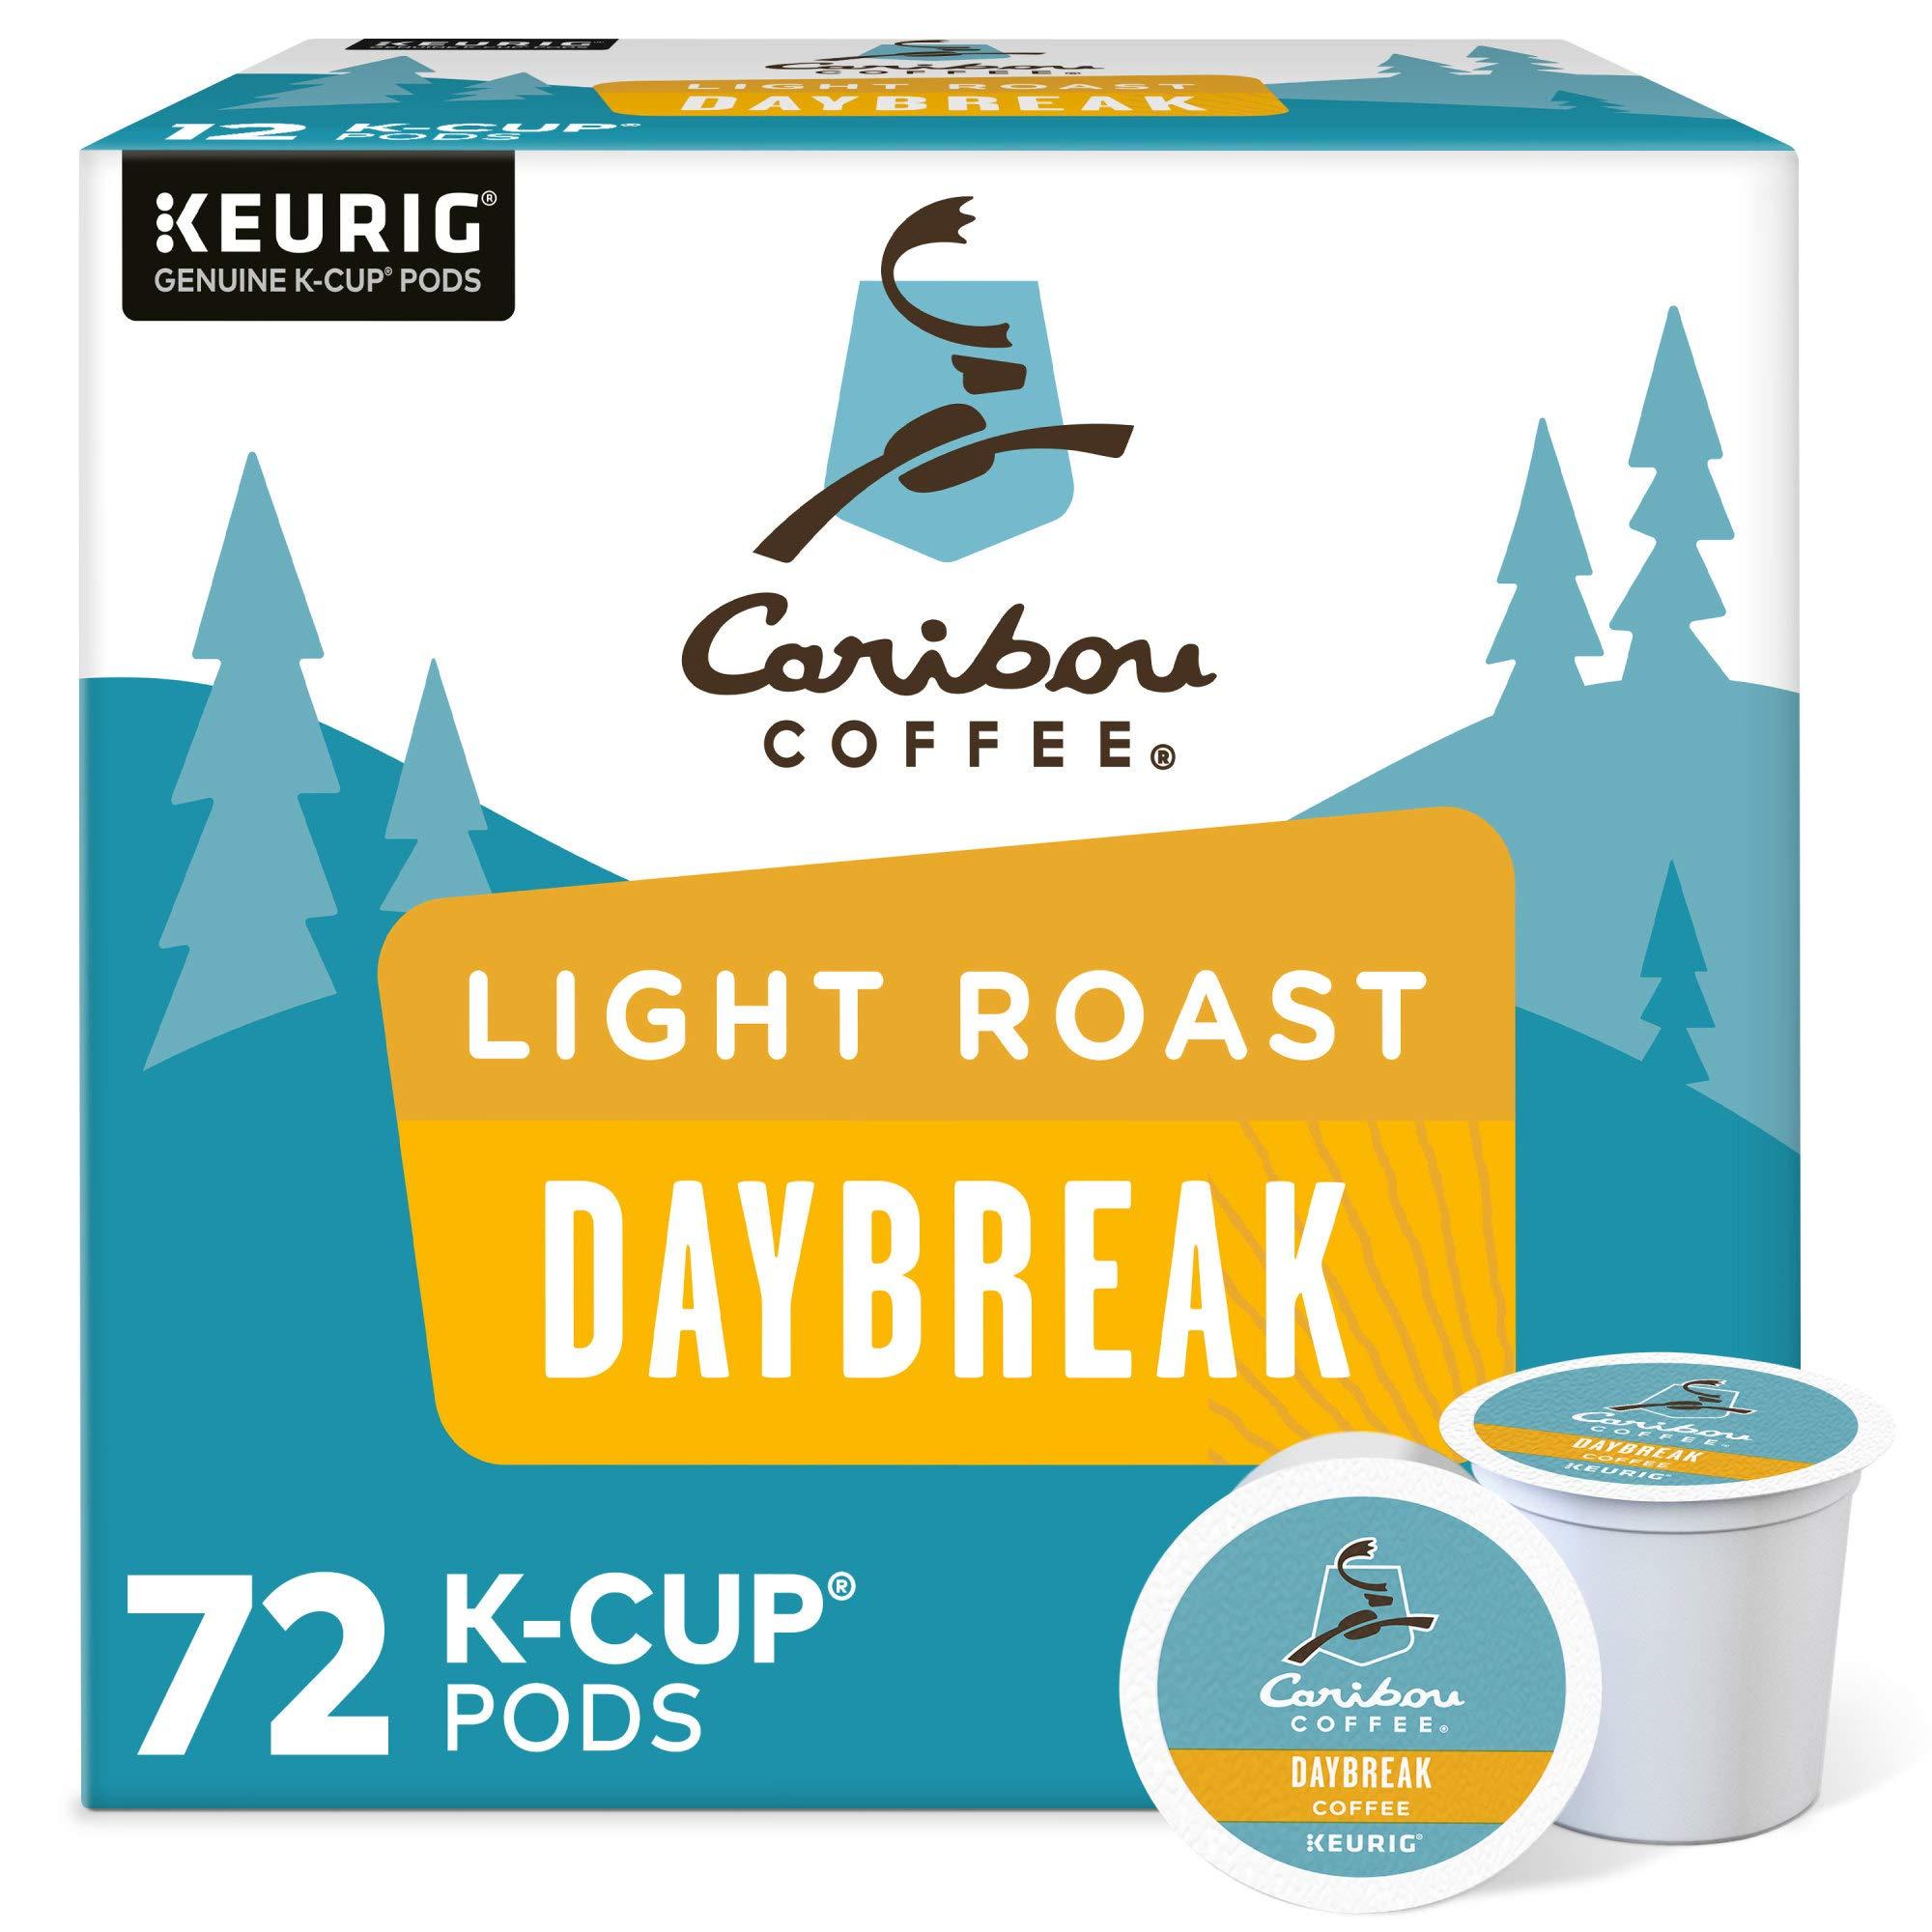 Caribou Light Roast K-cup Coffee